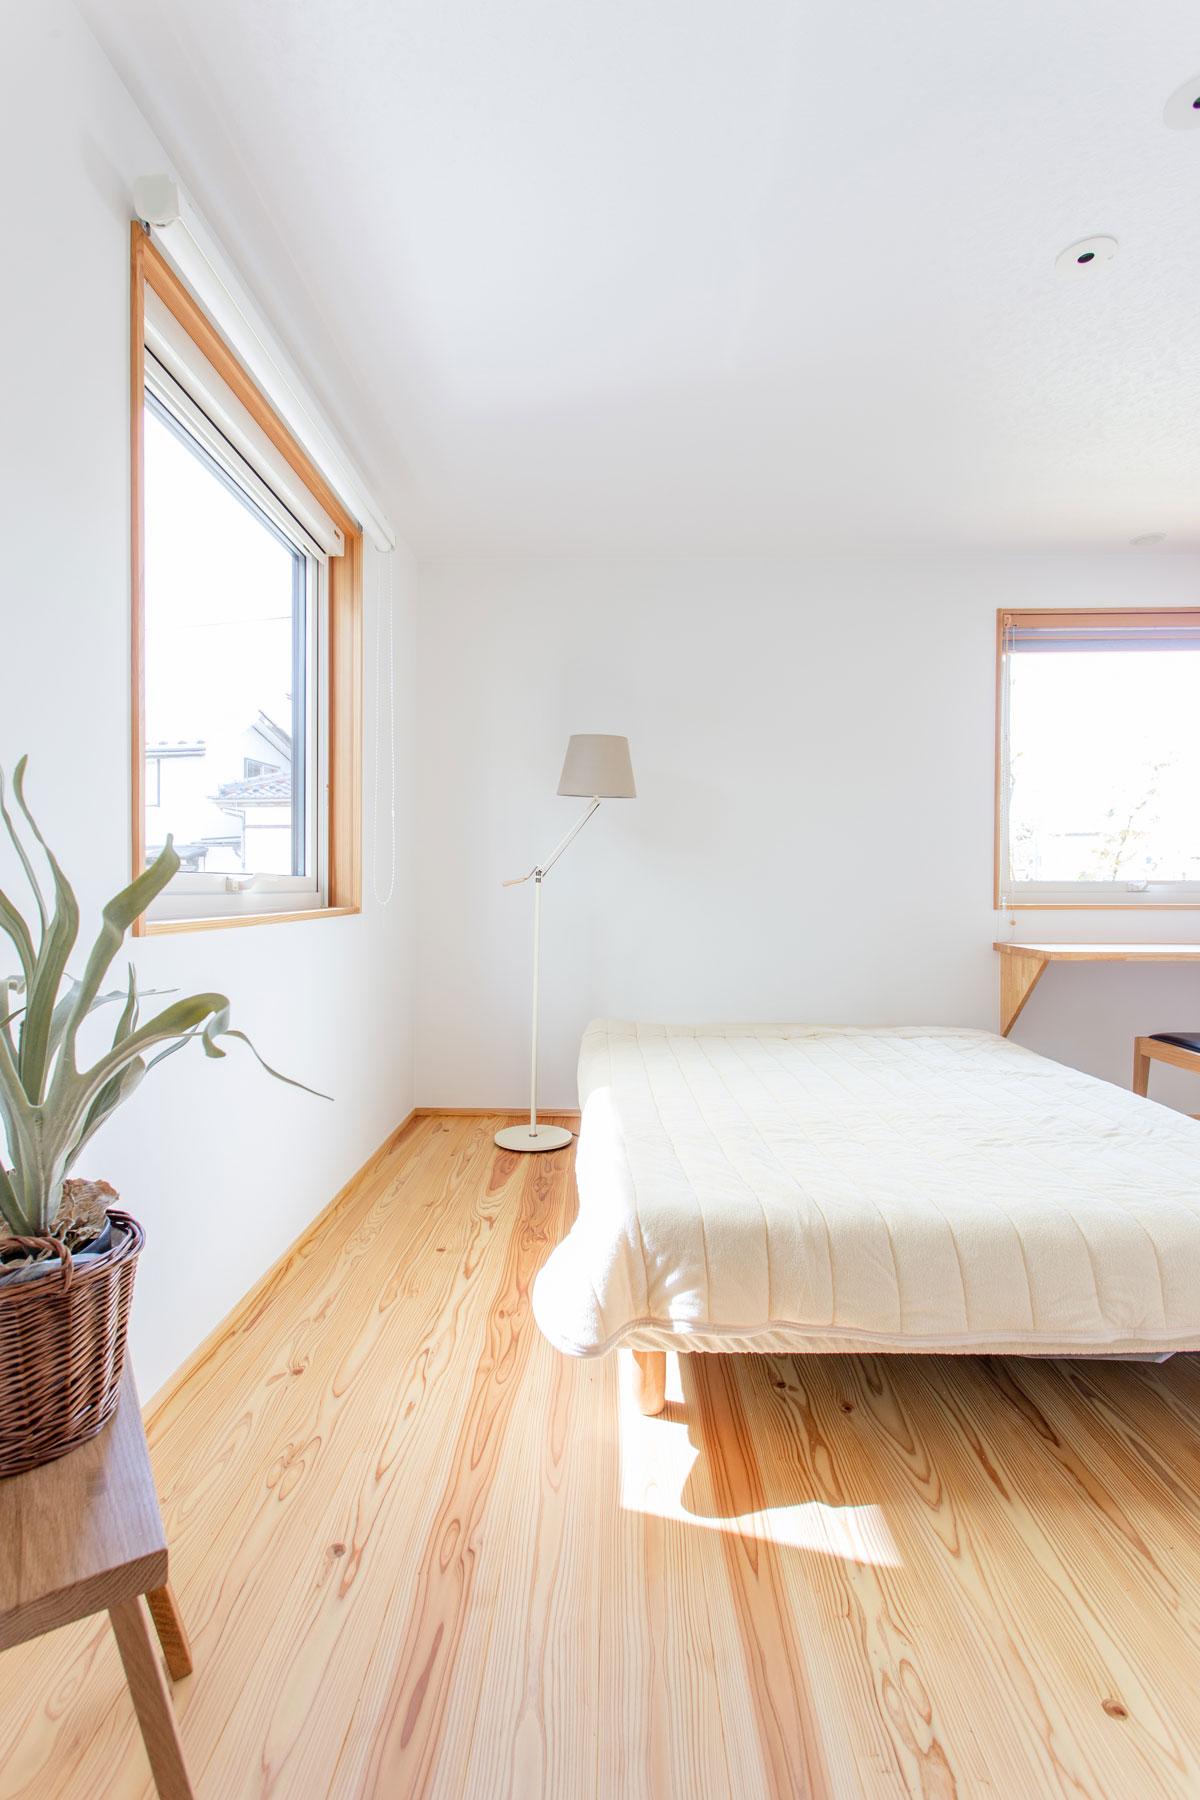 明るく健康的な寝室